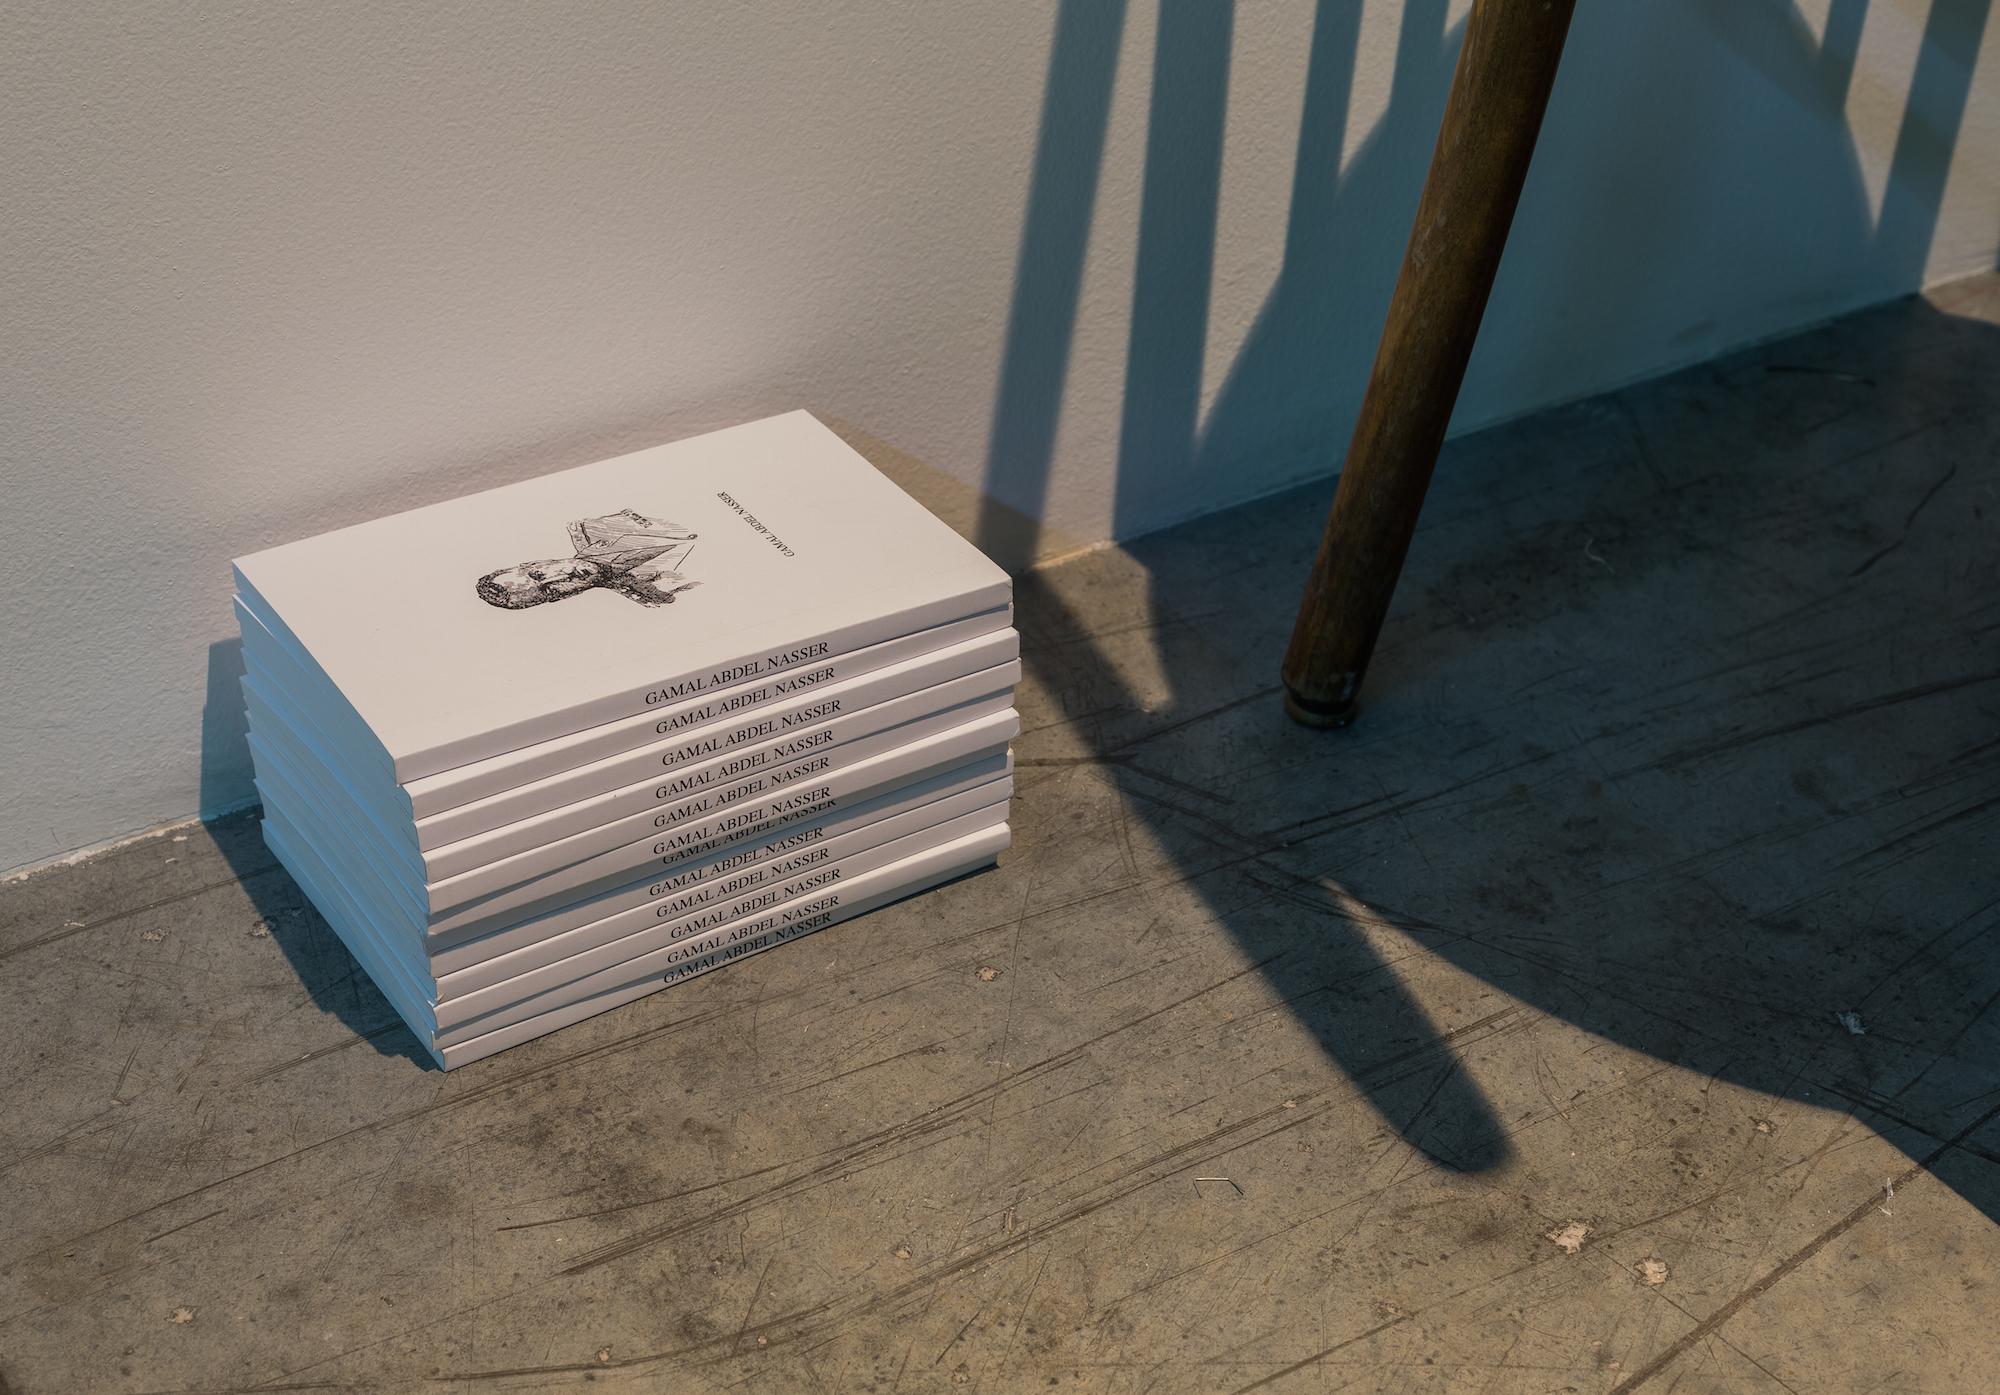 Gamal Abdel Nasser 2014 Hand-bound book 20 x 13 x 1 cm Edition of 12